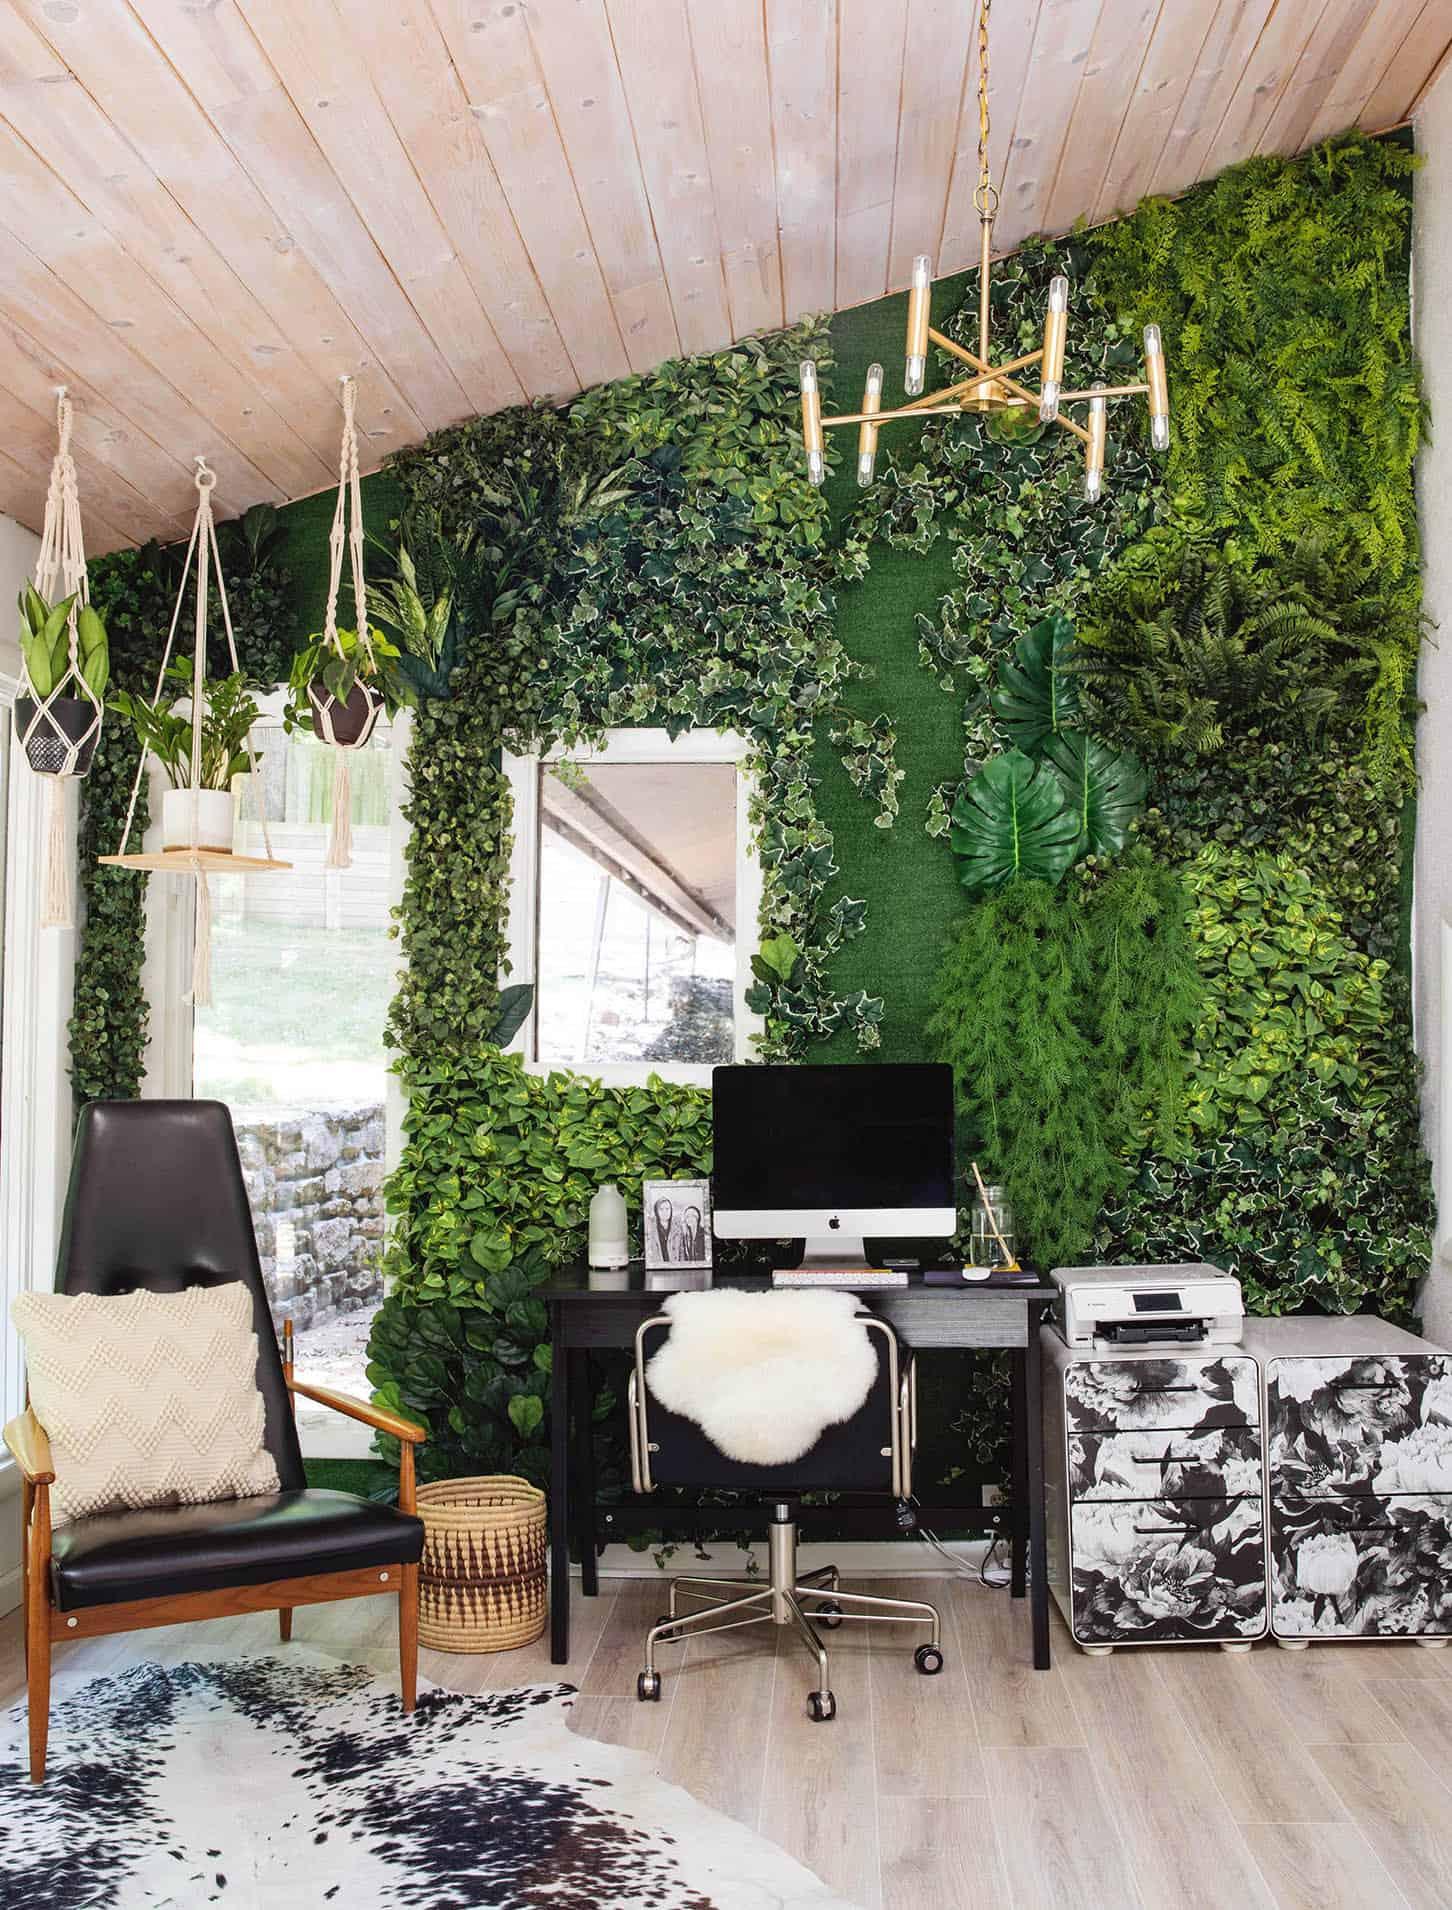 DIY Faux Living Wall - Things We Loved This Week